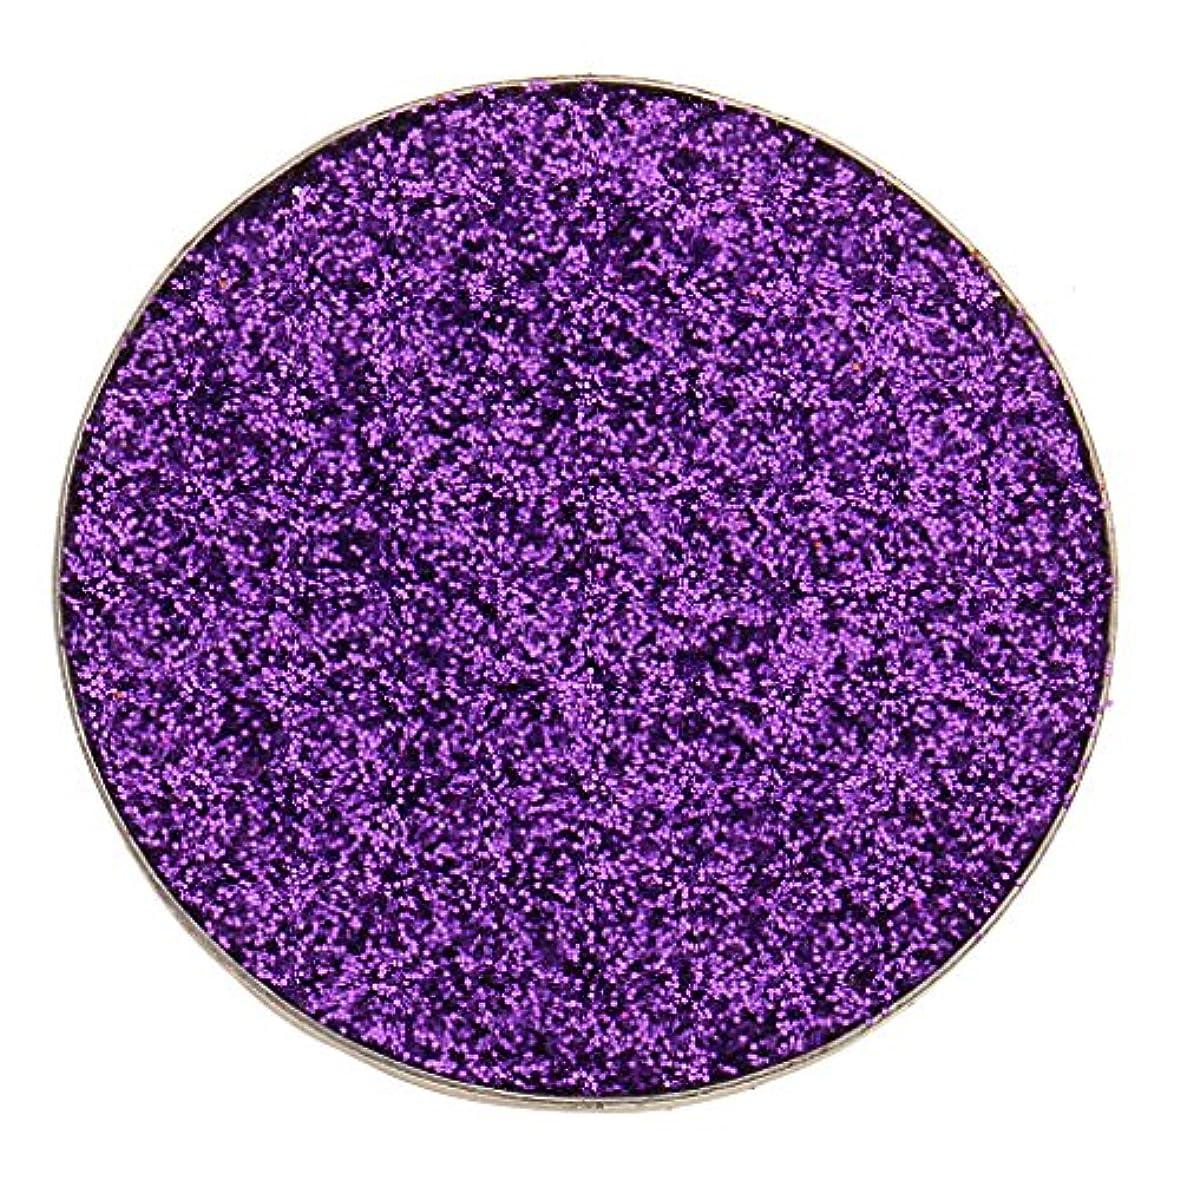 大混乱不快合併症全5色 ダイヤモンド キラキラ シマー メイクアップ アイシャドウ 顔料 長持ち 滑らか - 紫